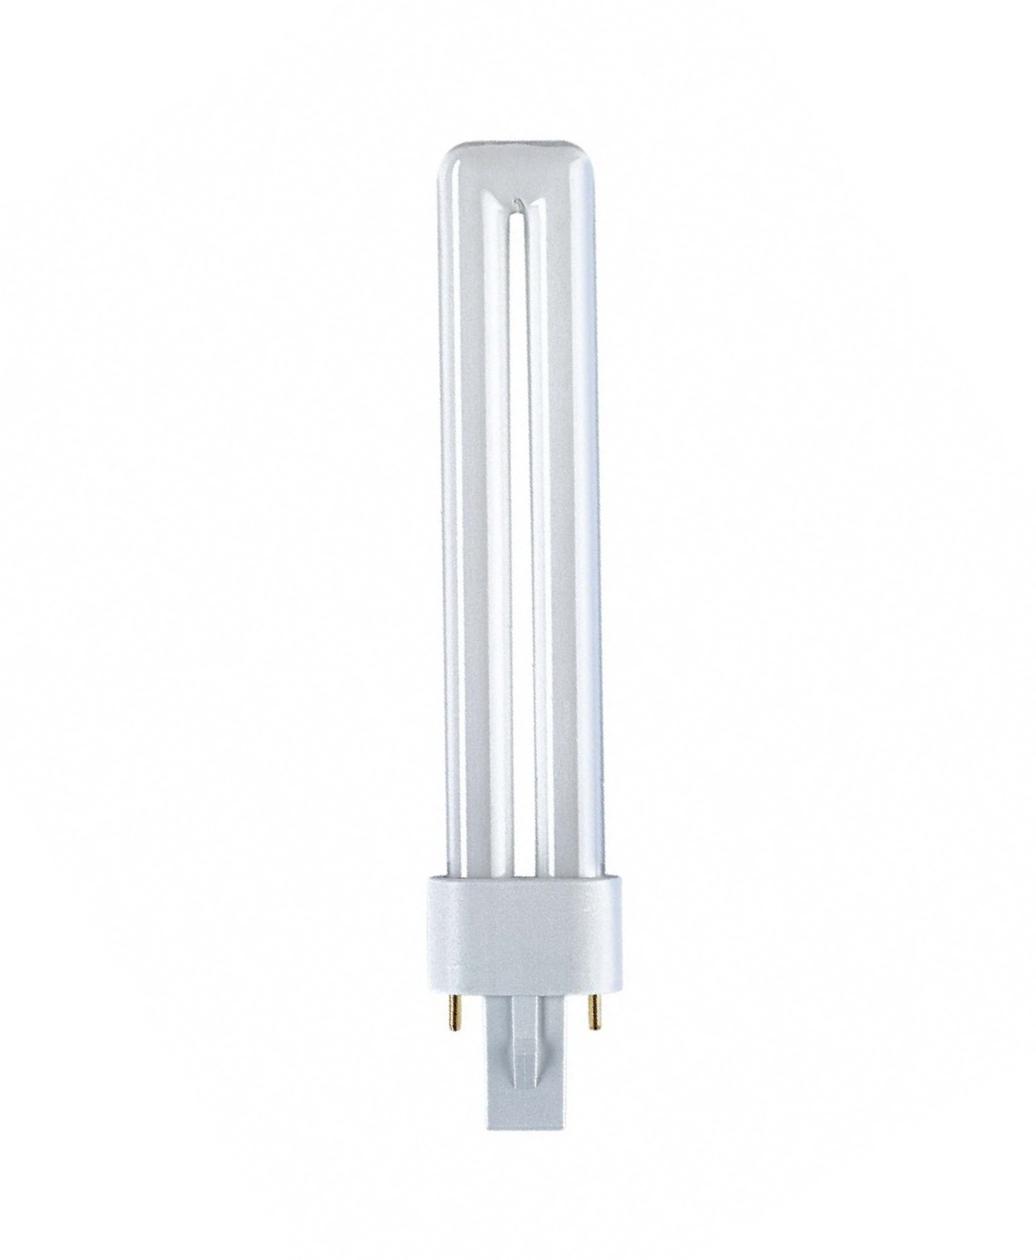 1 Stk TC-S 9W 827 G23 OS Kompaktleuchtstofflampe LI5V006000